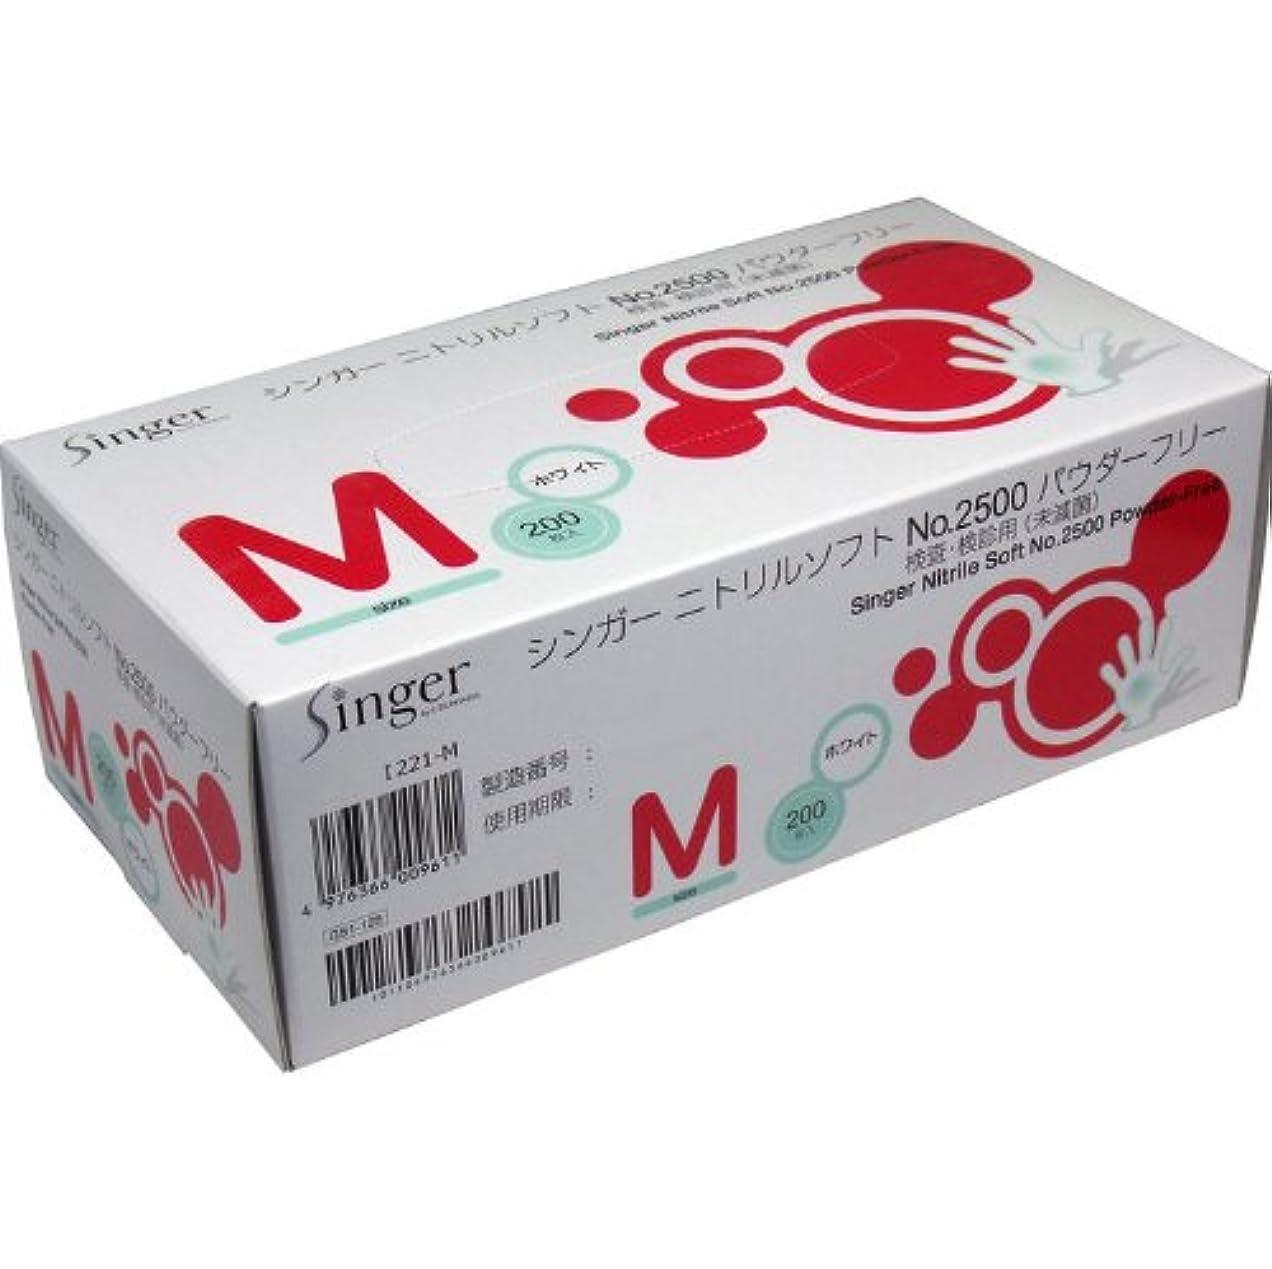 マークボトルネック王女左右兼用手袋 未滅菌タイプ 使いやすい シンガーニトリルソフト No.2500 パウダーフリー ホワイト Mサイズ 200枚入